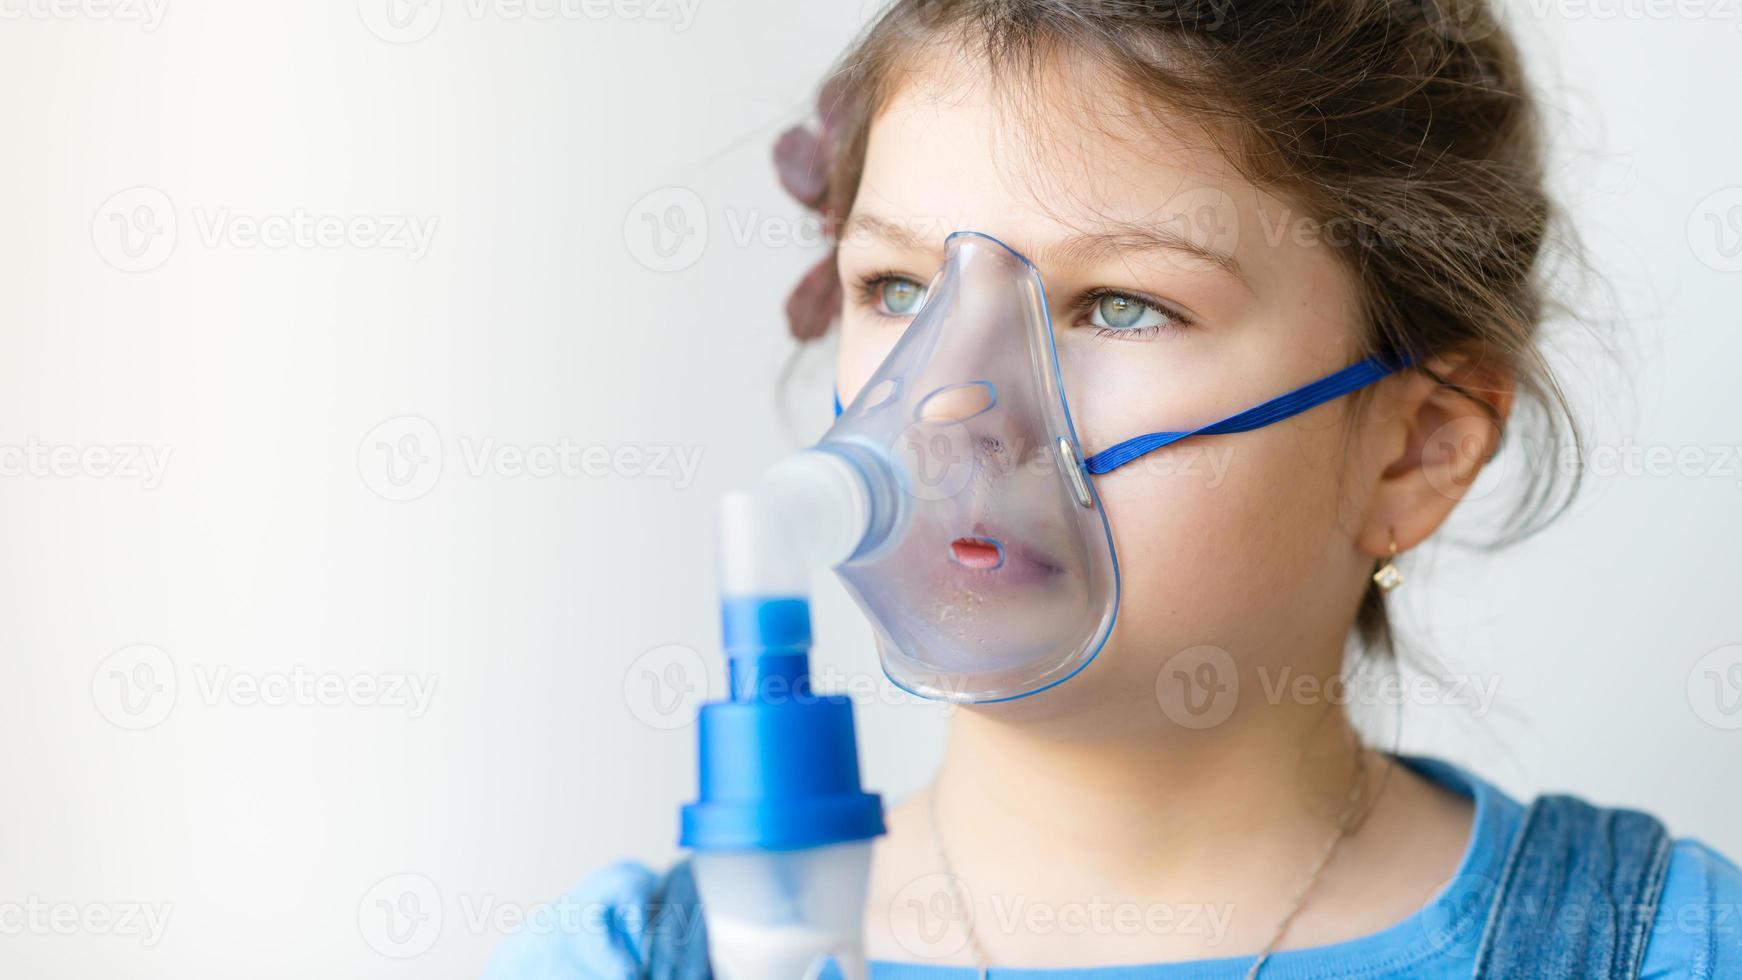 ragazza con inalatore per l'asma foto